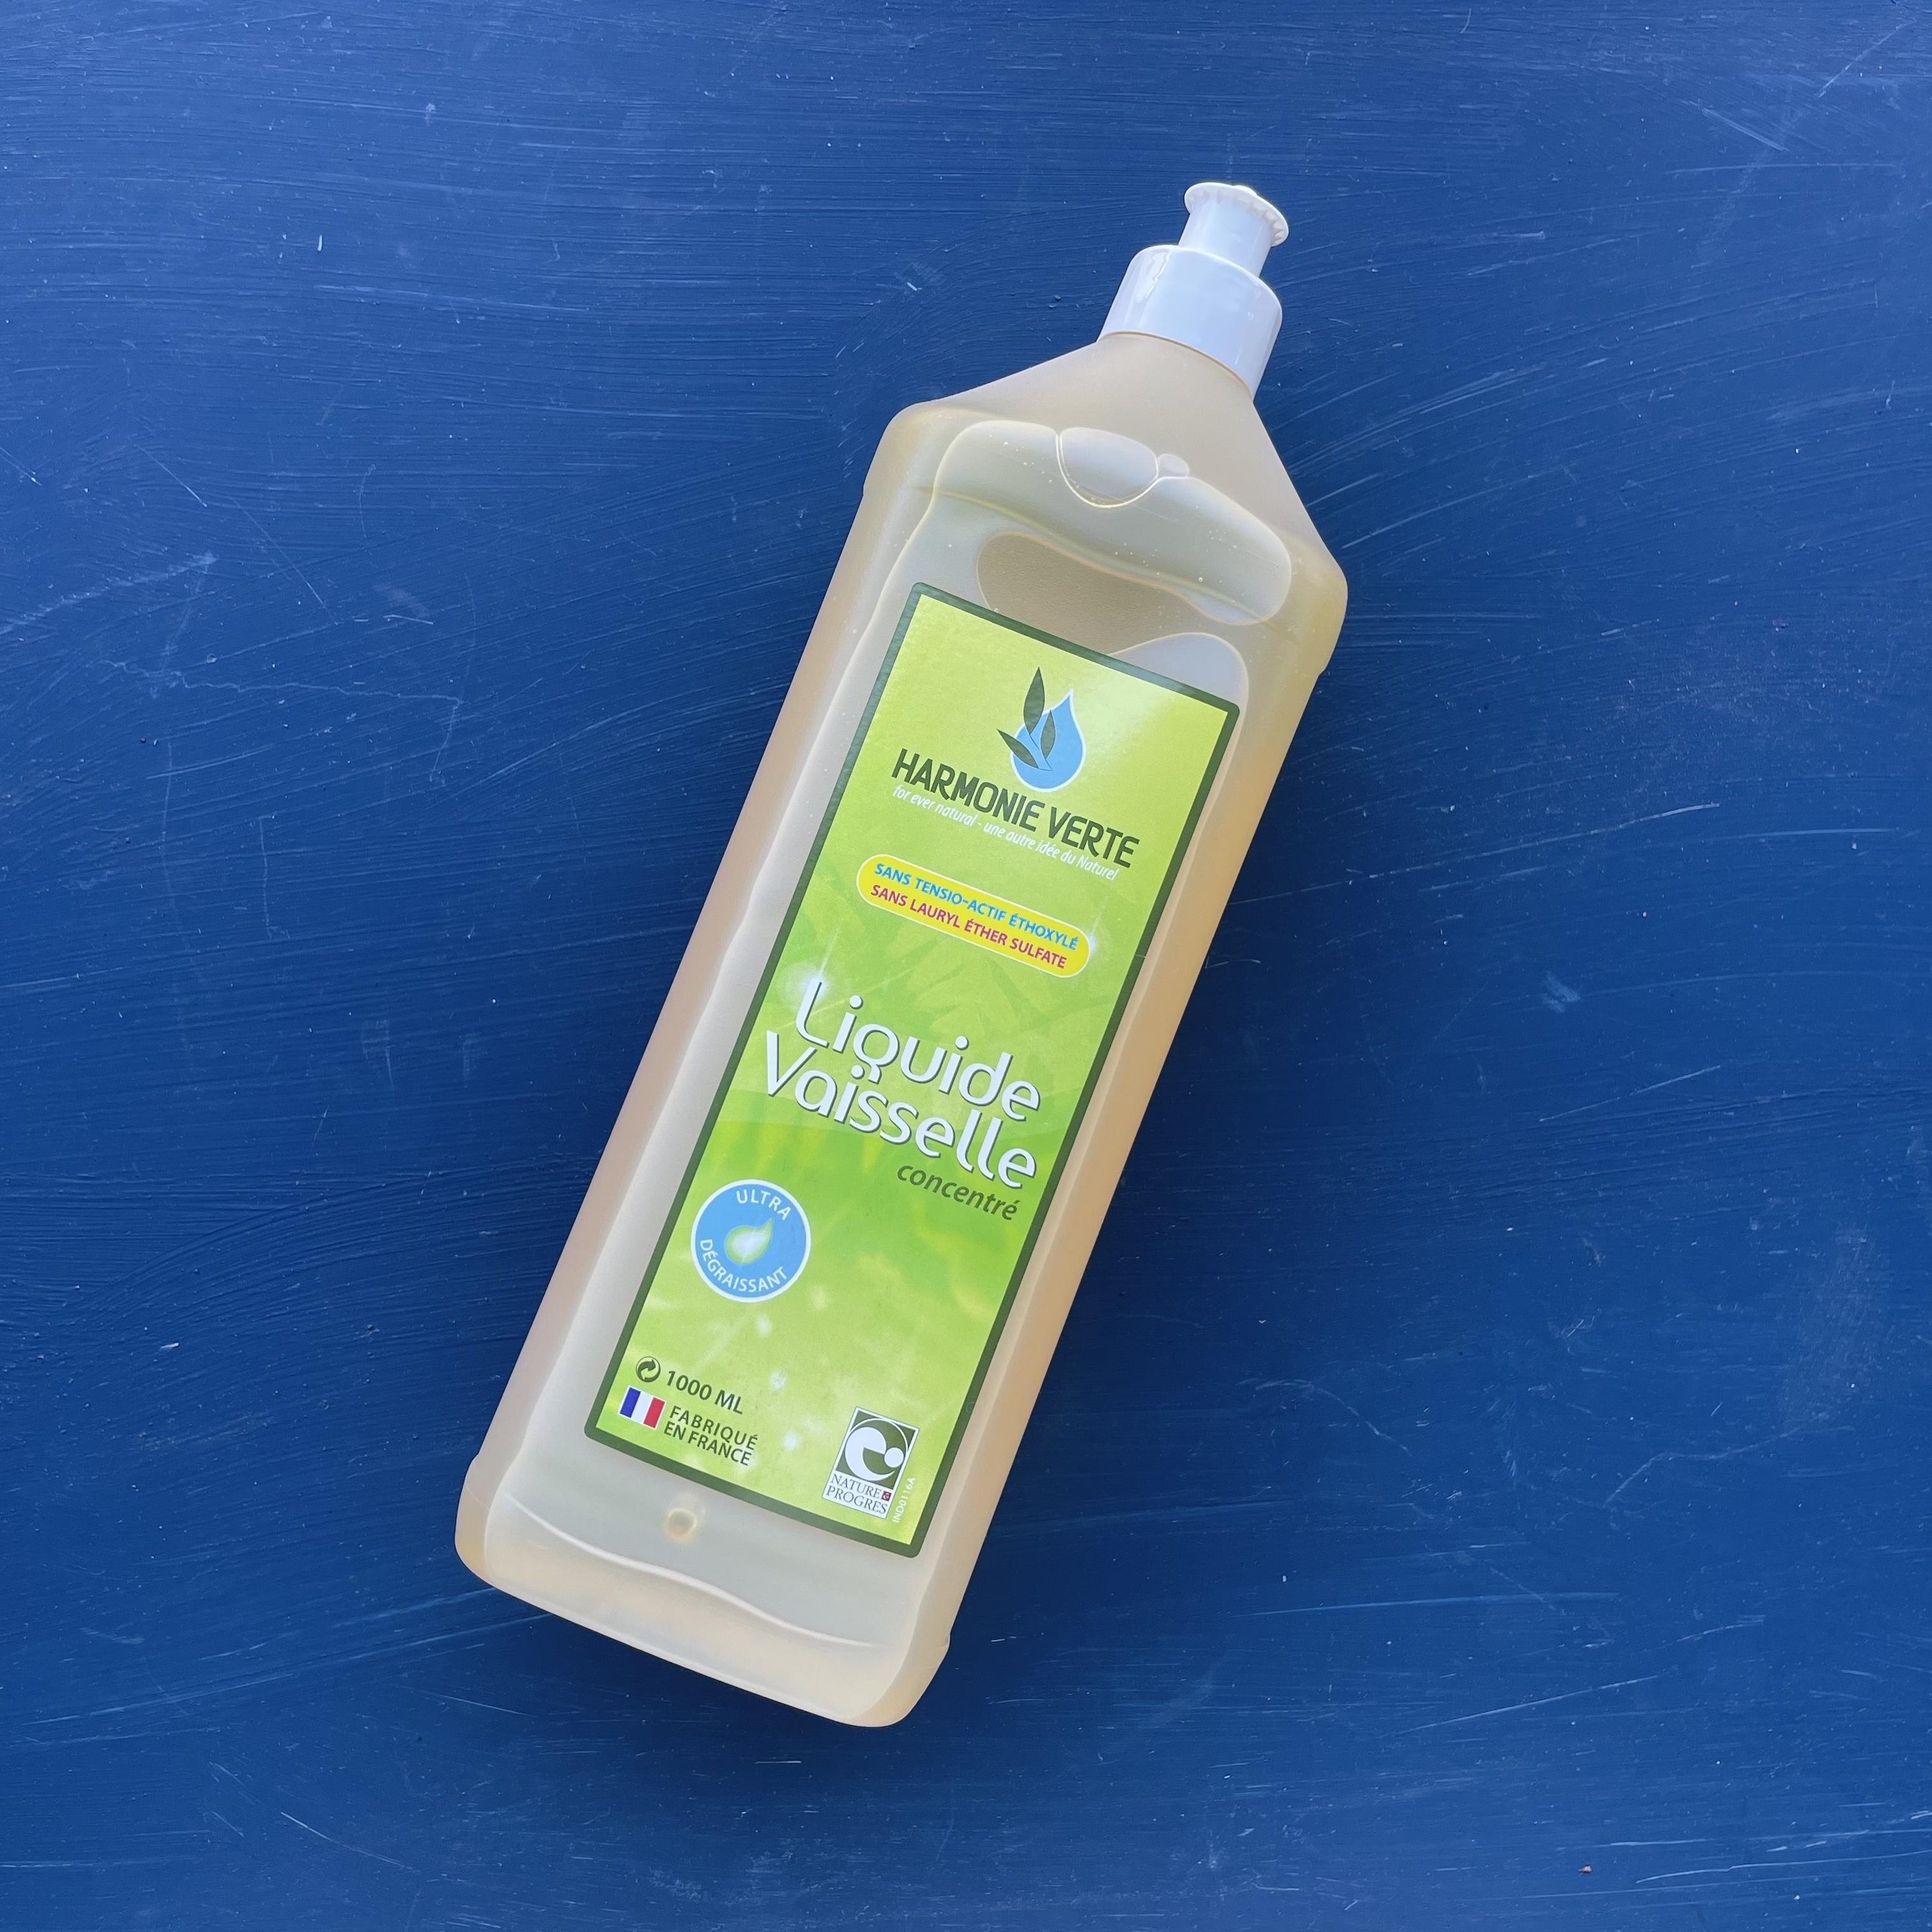 食器用液体洗剤 1000ml アルモニベルツ